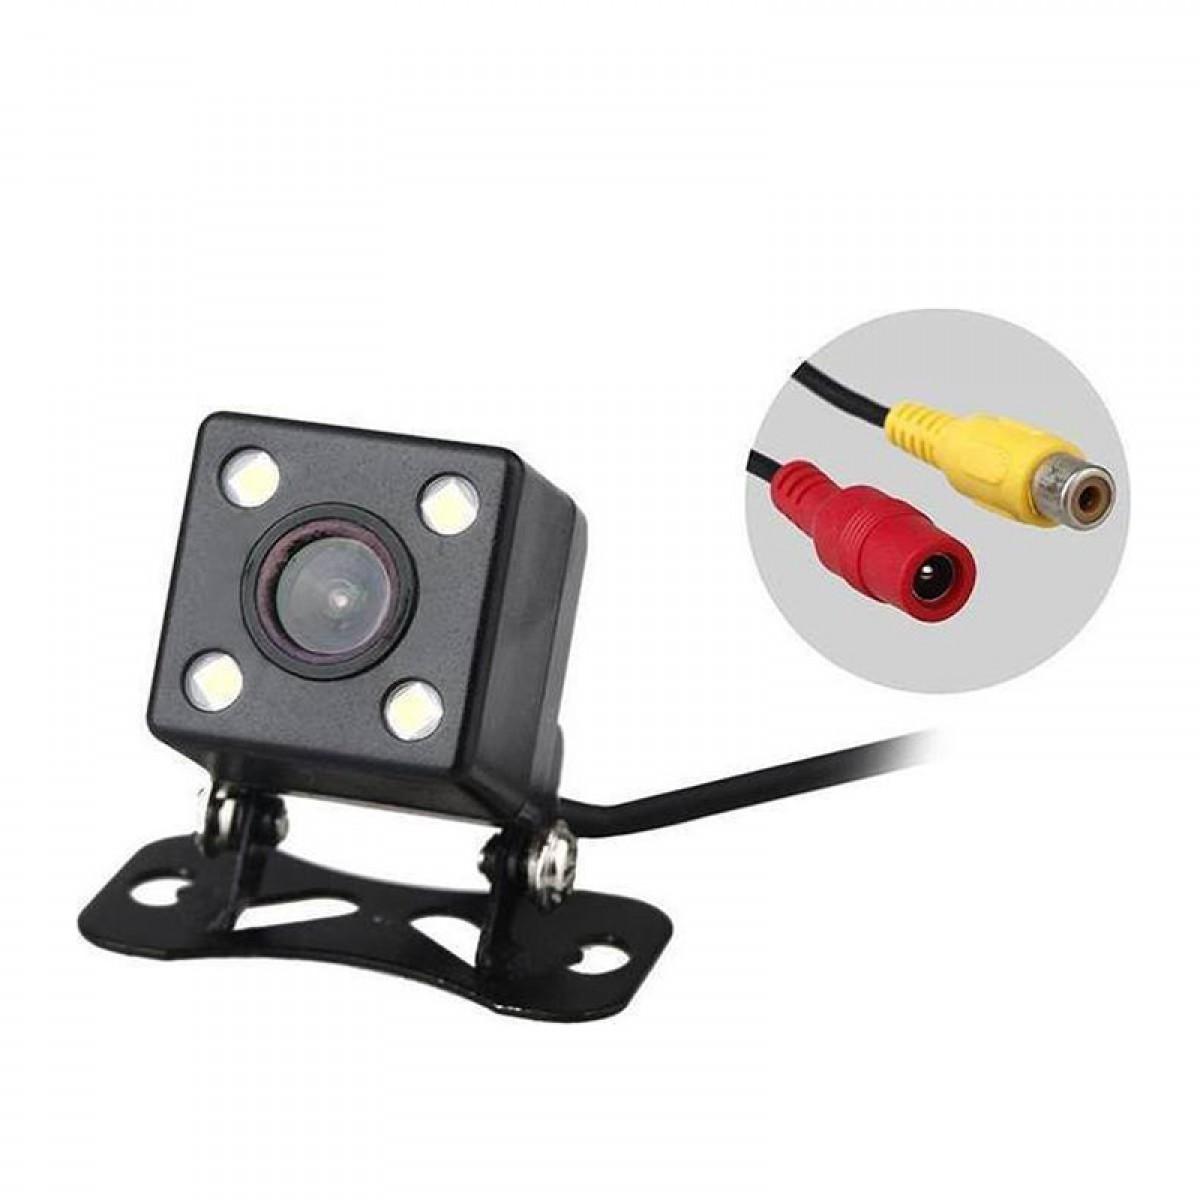 Κάμερα Οπισθοπορείας Αυτοκινήτου 135° με Νυχτερινή Λήψη - Car Rear View Camera-OEM